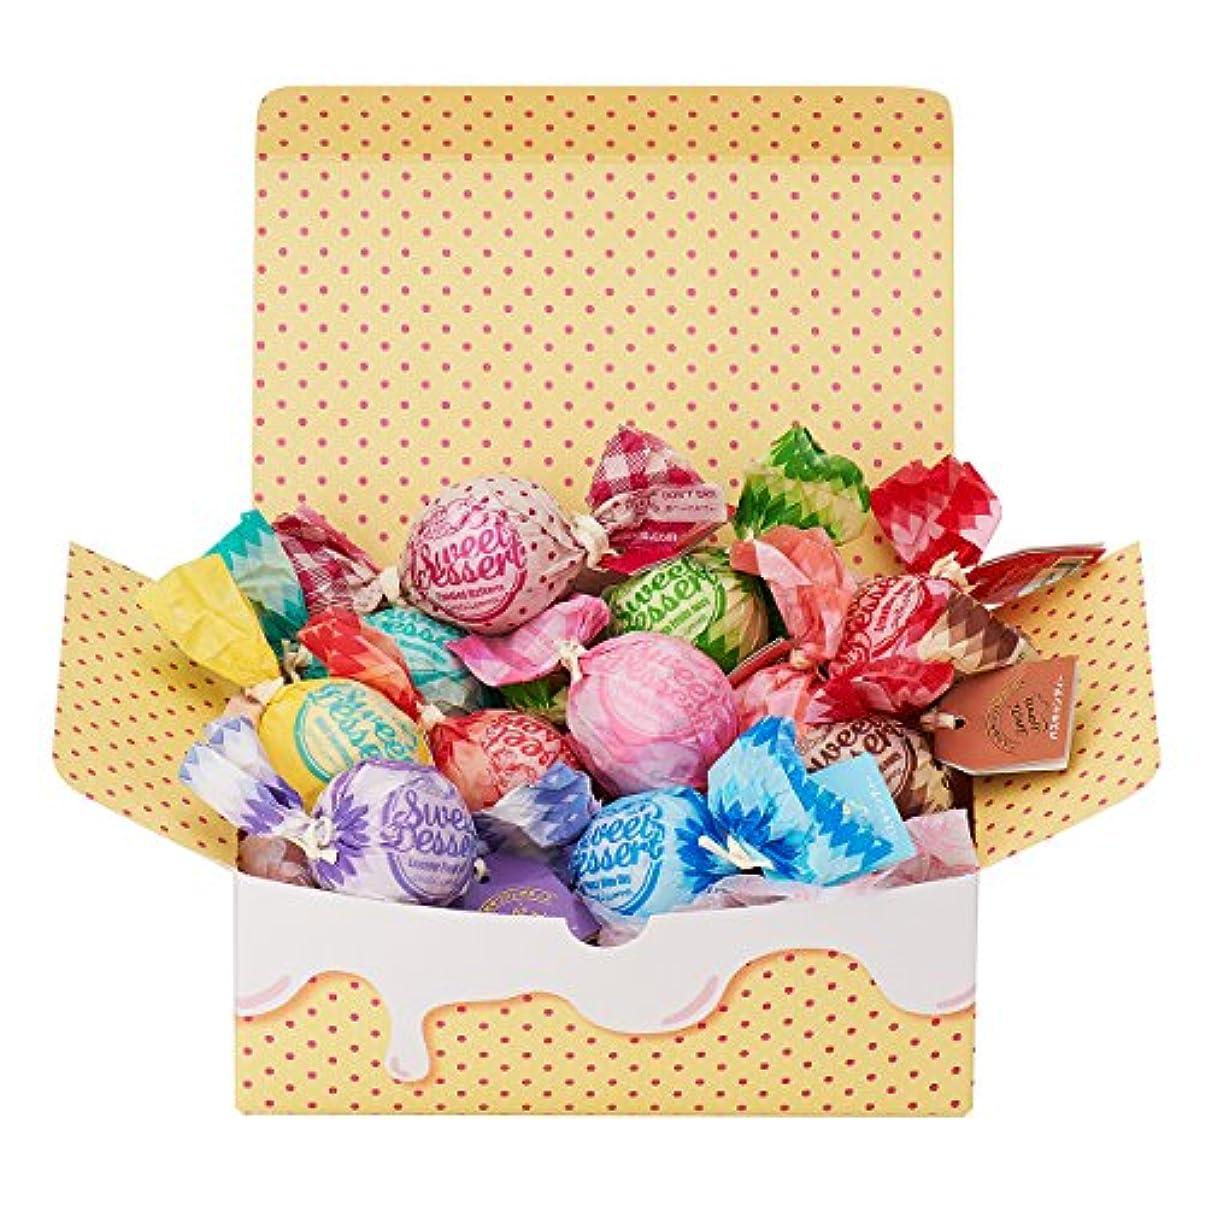 プールエンティティアマイワナ 11粒のしあわせ(箱入りバスギフト キャンディー型入浴料×11個)